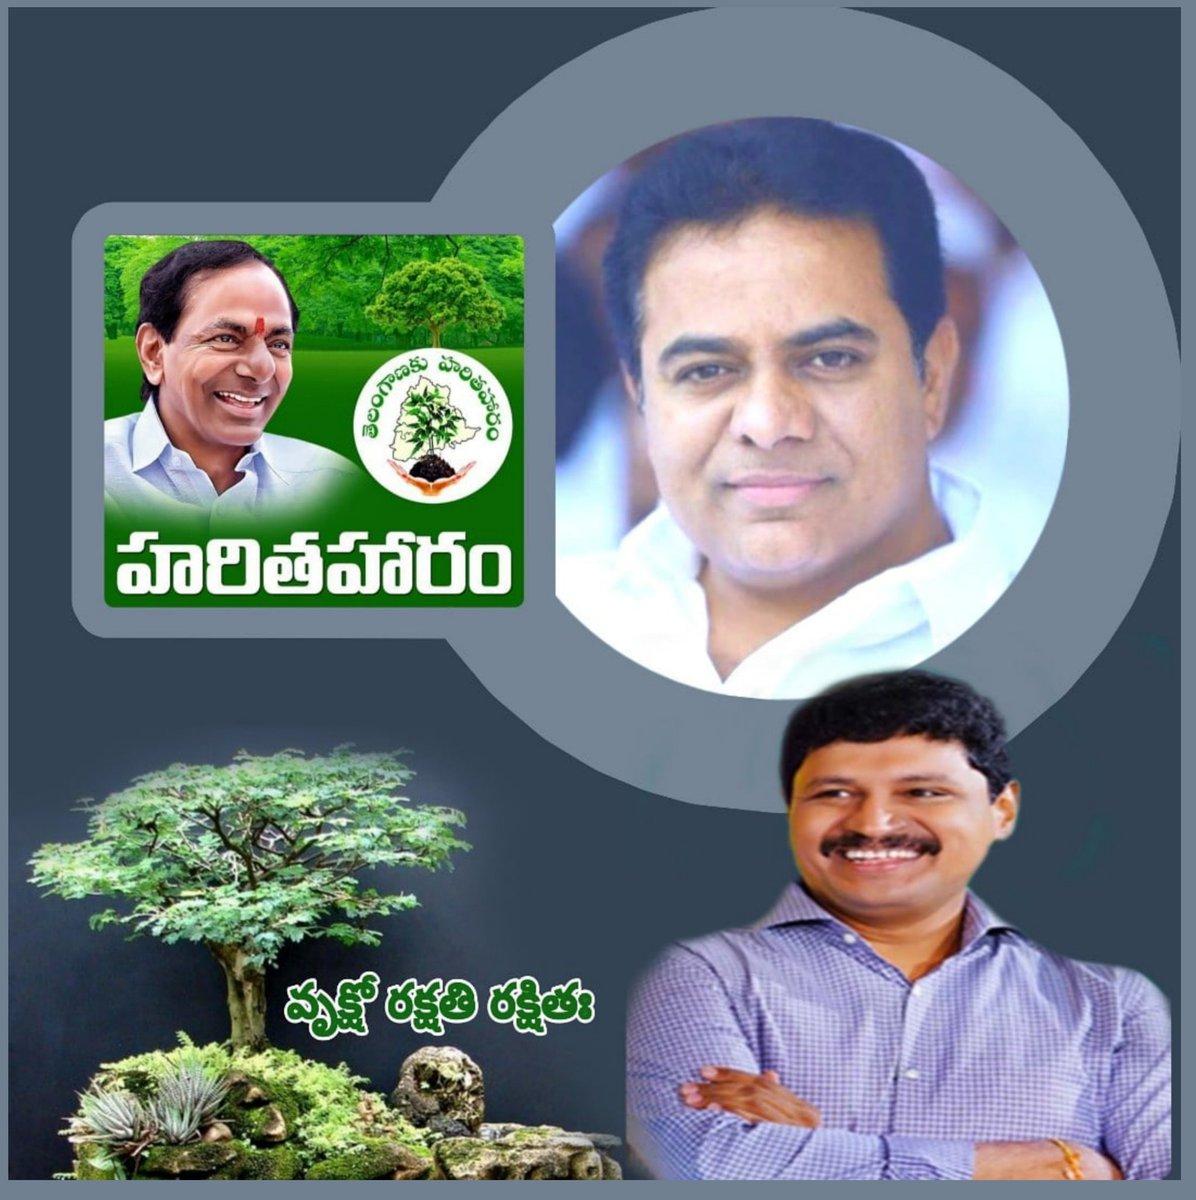 🌍 పుడమి పచ్చంగుండాలి 🍀 జై #KCR @KTRTRS #HarithaHaram @MPsantoshtrs  #GreenIndiaChallenge